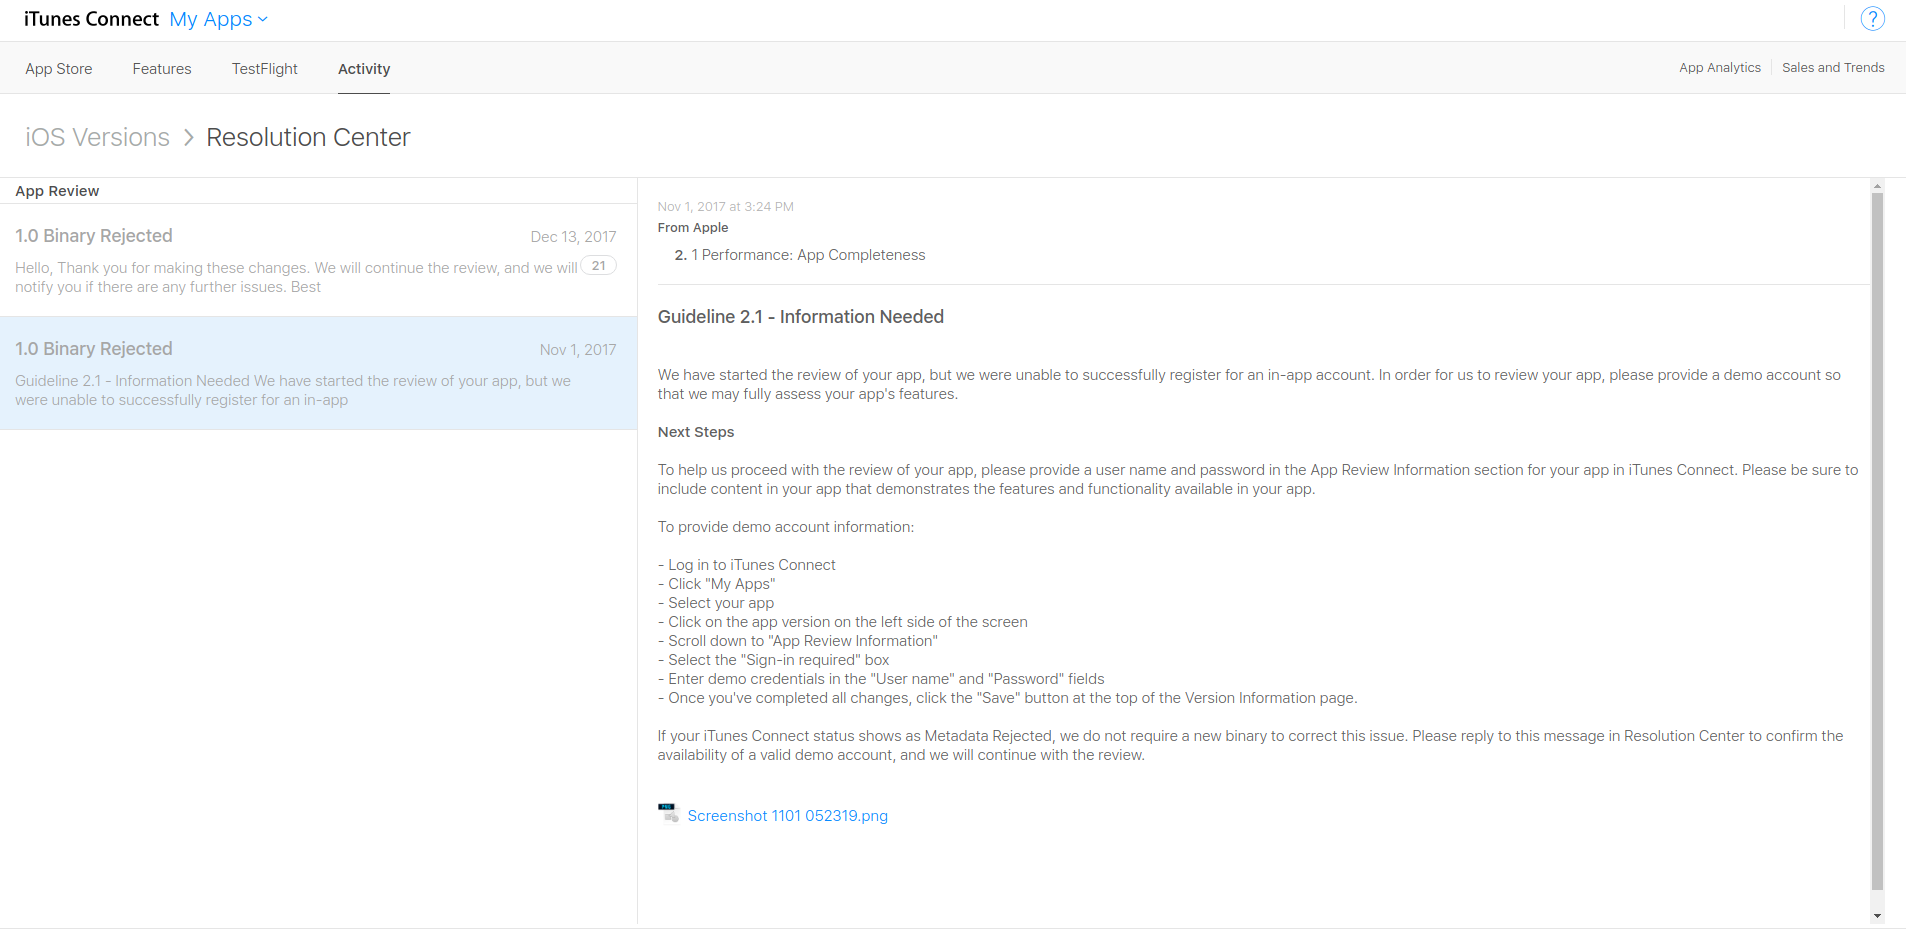 Запрос демонстрационной учетной записи, в нашем случае точнее будет сказать - демонстрационного сервера.